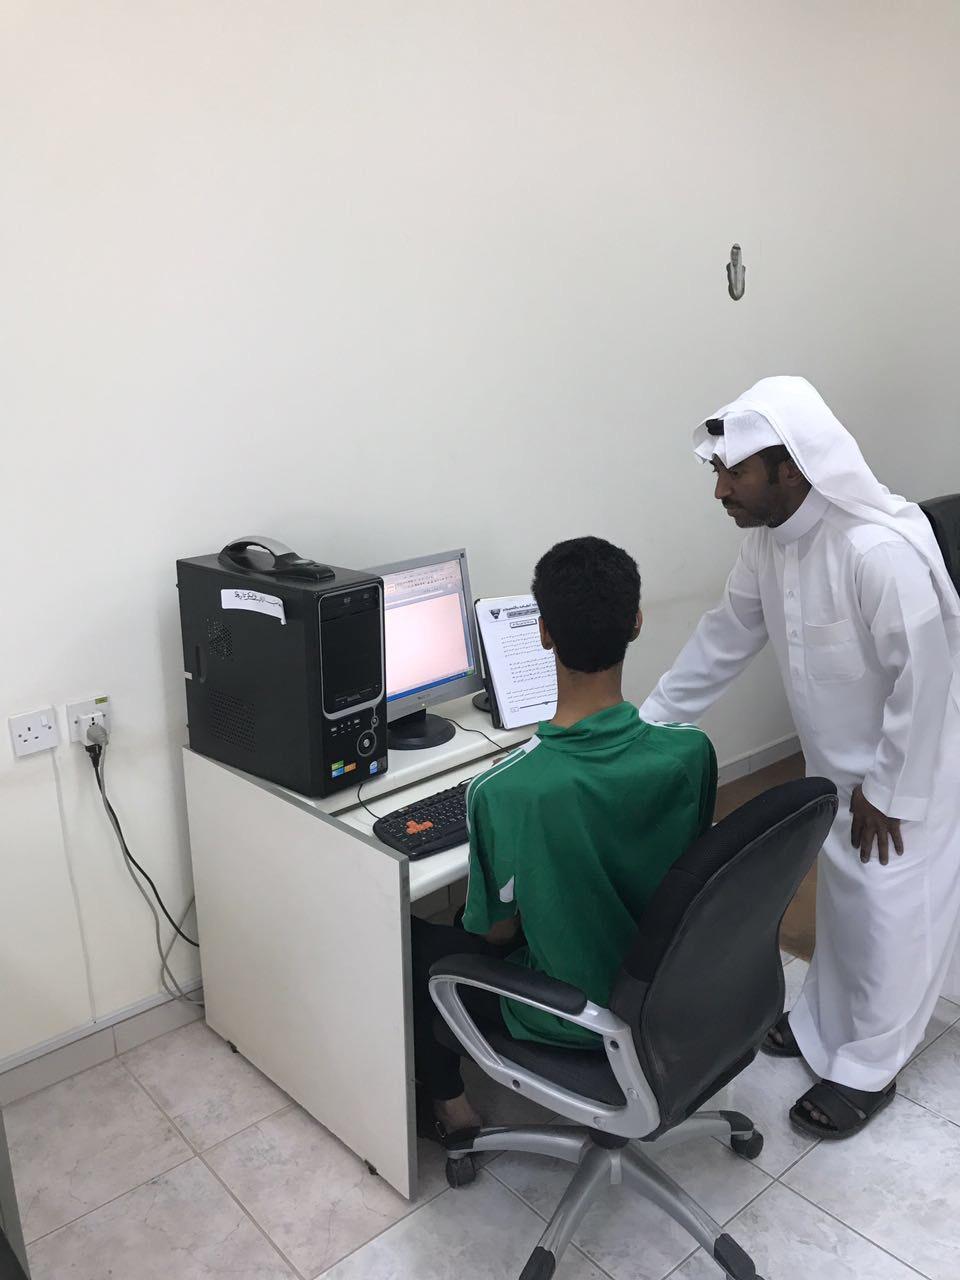 تأهيل الرياض يعلن بدء التسجيل في برامج التدريب لـ 60 معاقا